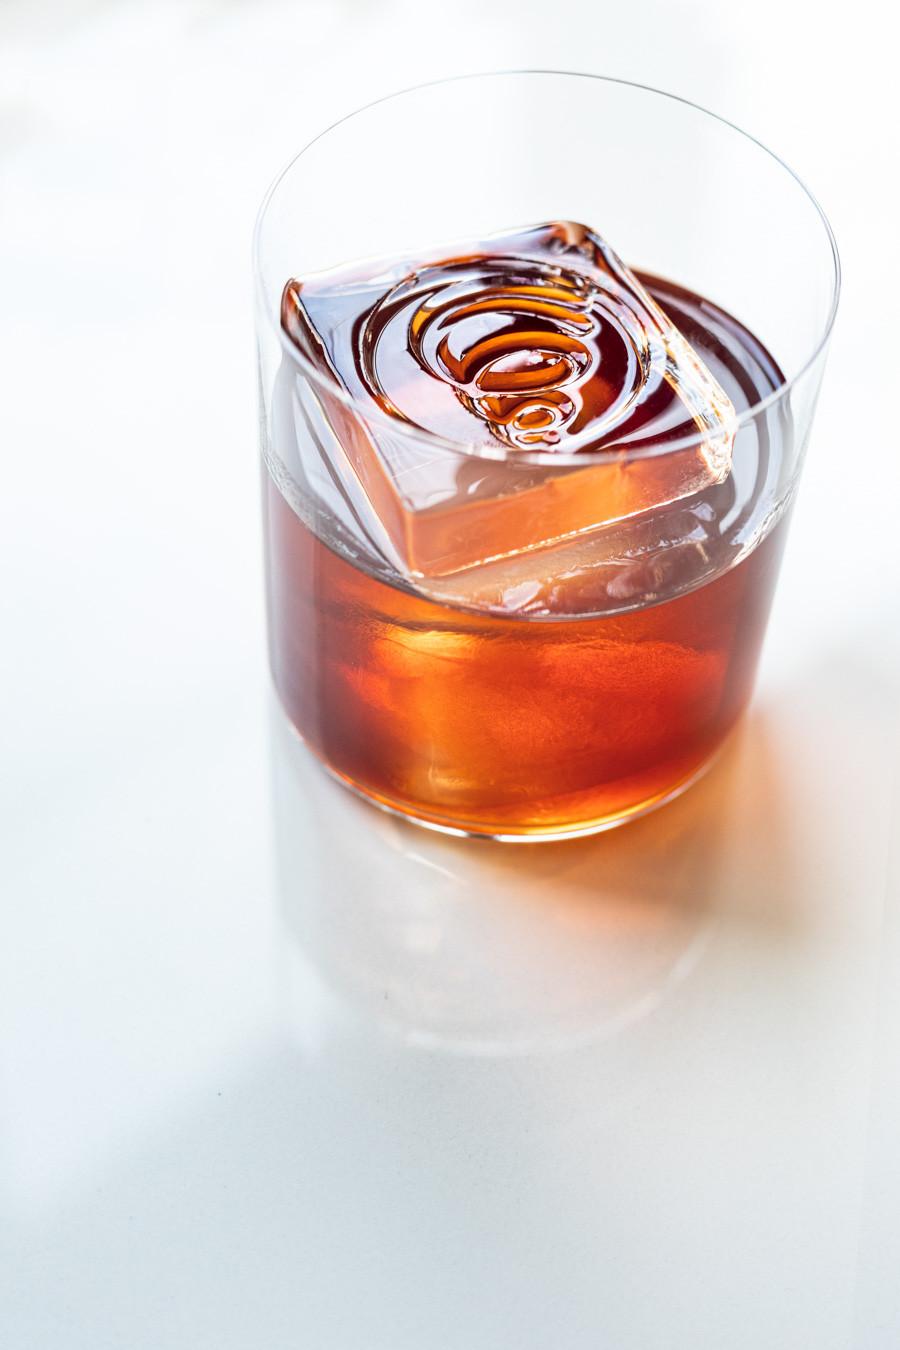 Negroni cocktail using Campari, Dolin rouge and Aquavit Aalborg